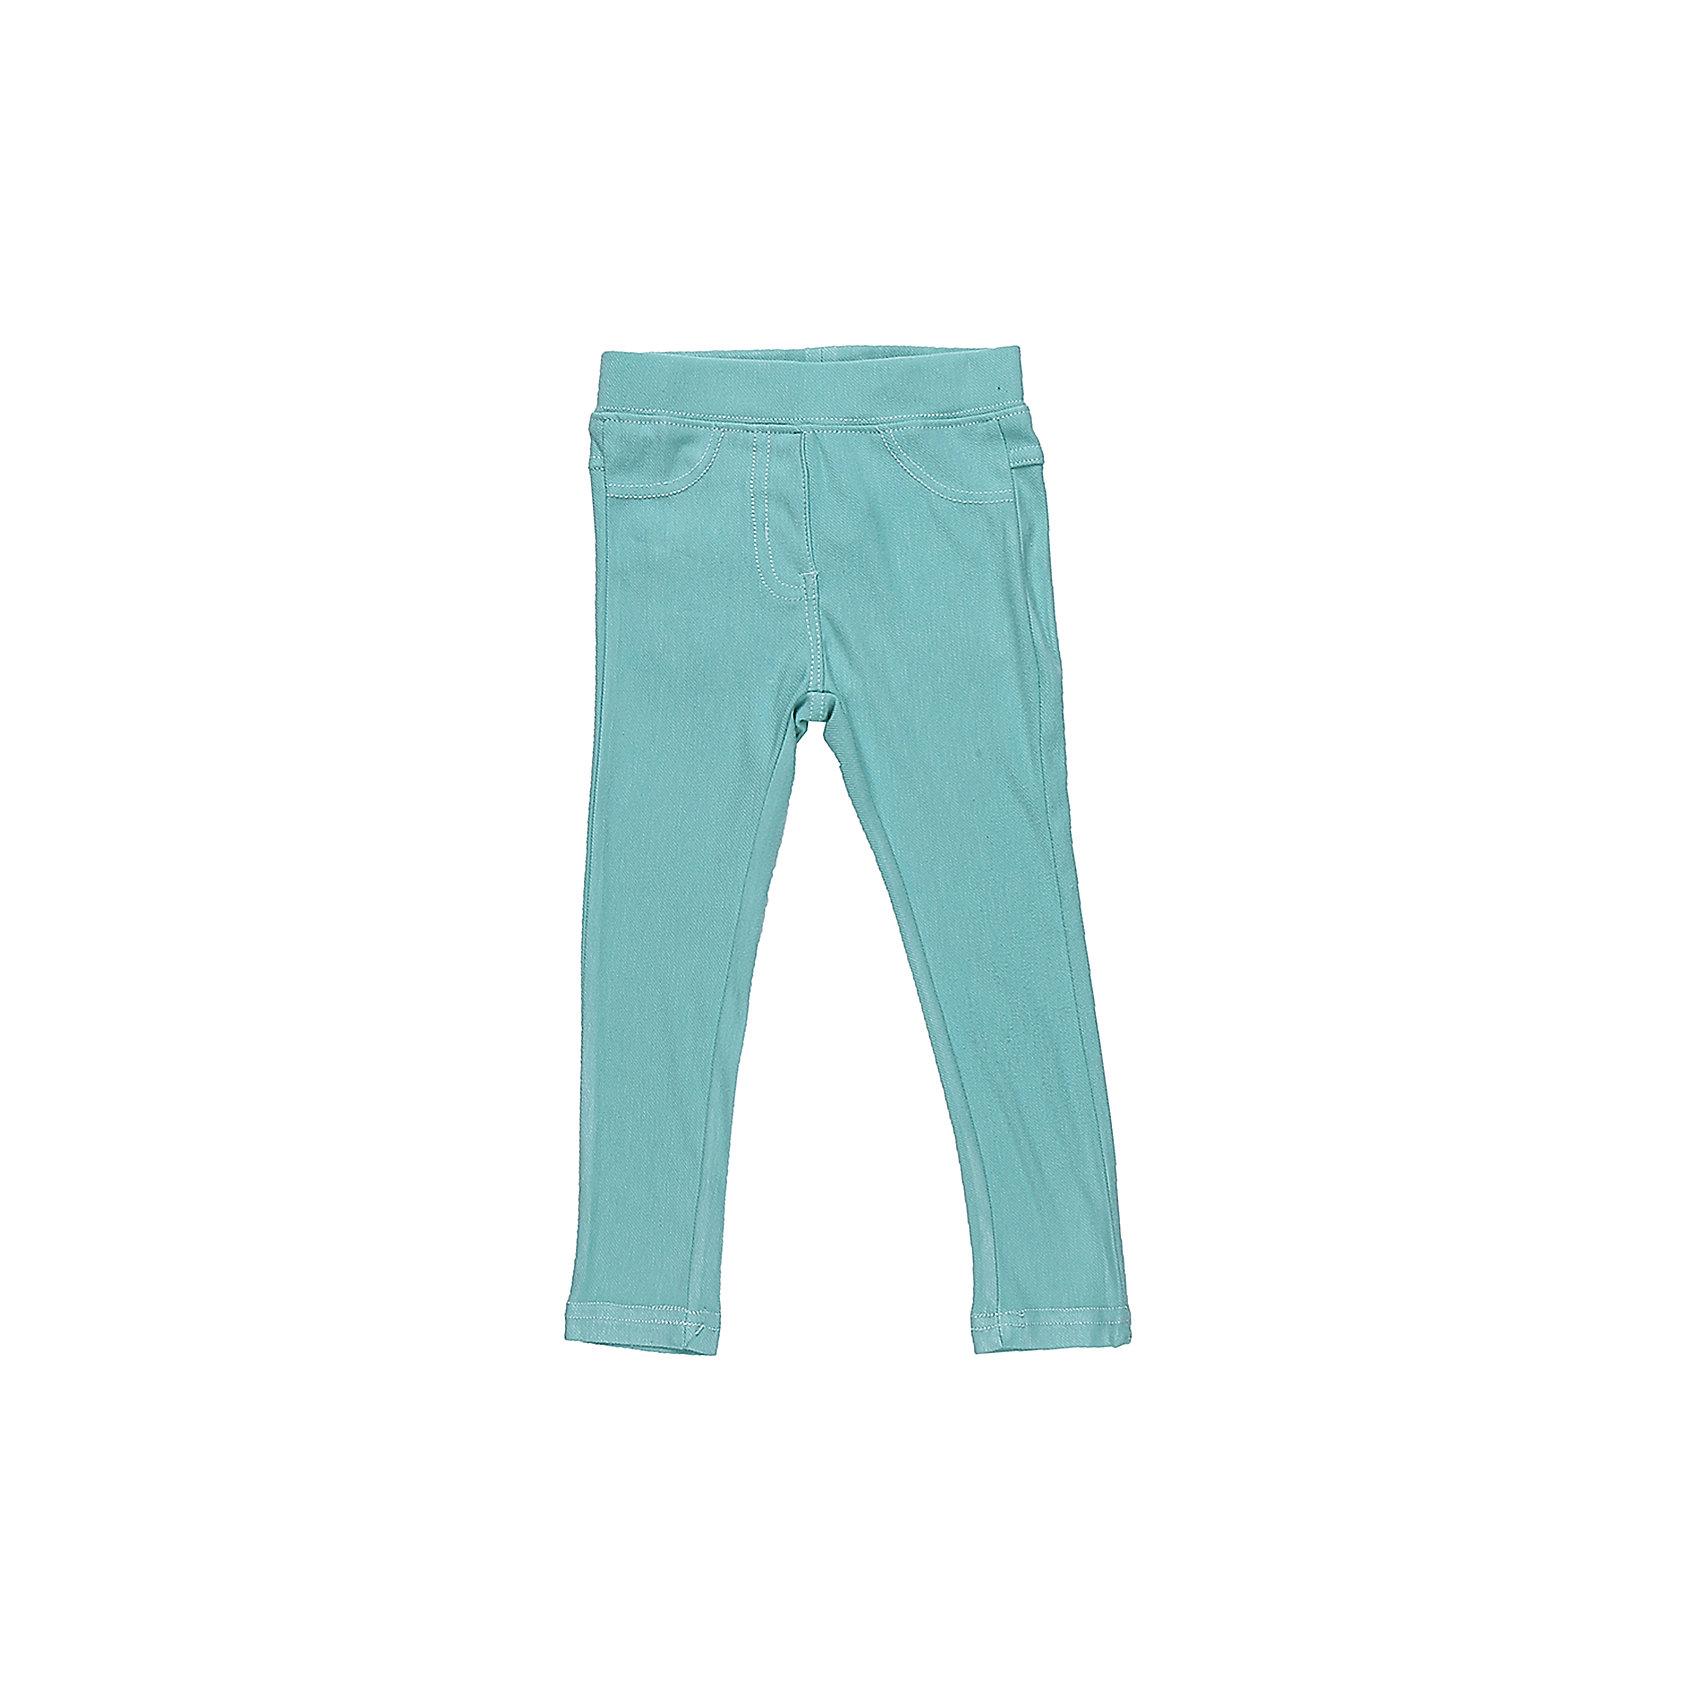 Леггинсы (2 шт.) для девочки Sweet BerryЛеггинсы<br>Комплект трикотажных брюк-джеггинсов для девочки. В наборе брюки-джеггинсы синего и бирюзового цвета. Зауженный крой. Два накладных кармана сзади. Эластичный пояс.<br>Состав:<br>95%хлопок 5%эластан<br><br>Ширина мм: 123<br>Глубина мм: 10<br>Высота мм: 149<br>Вес г: 209<br>Цвет: разноцветный<br>Возраст от месяцев: 12<br>Возраст до месяцев: 15<br>Пол: Женский<br>Возраст: Детский<br>Размер: 80,86,92,98<br>SKU: 5411183